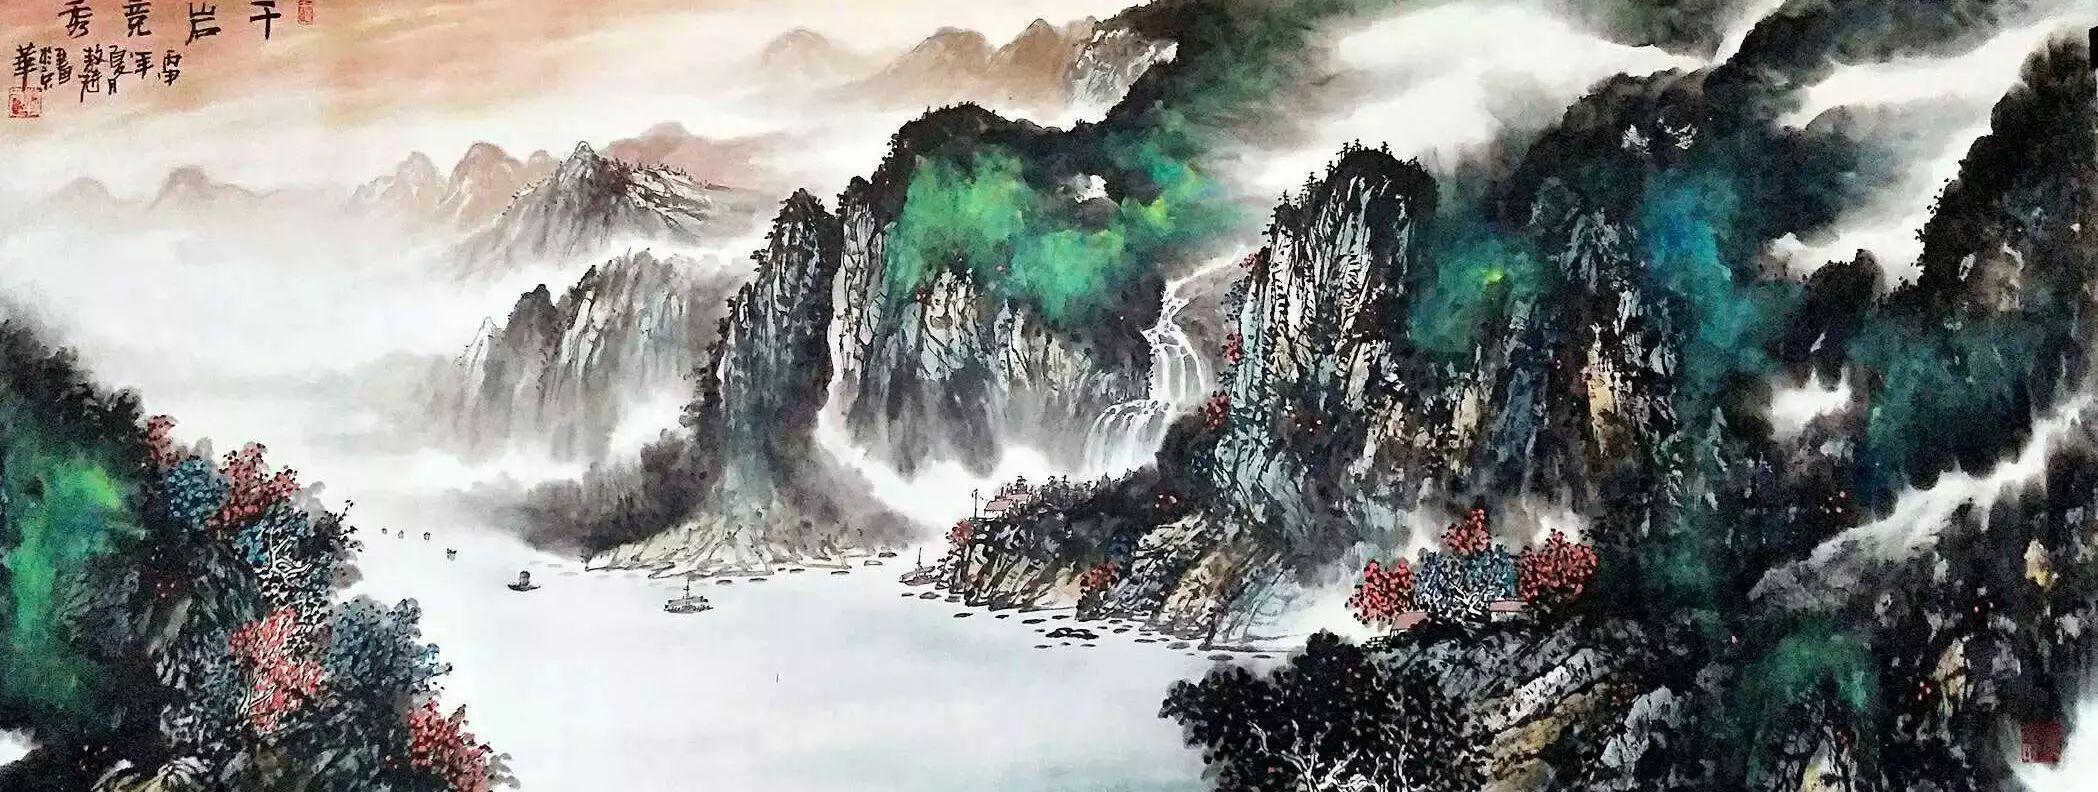 【人物传真】著名蒙古族青年艺术家——敖特 第36张 【人物传真】著名蒙古族青年艺术家——敖特 蒙古画廊